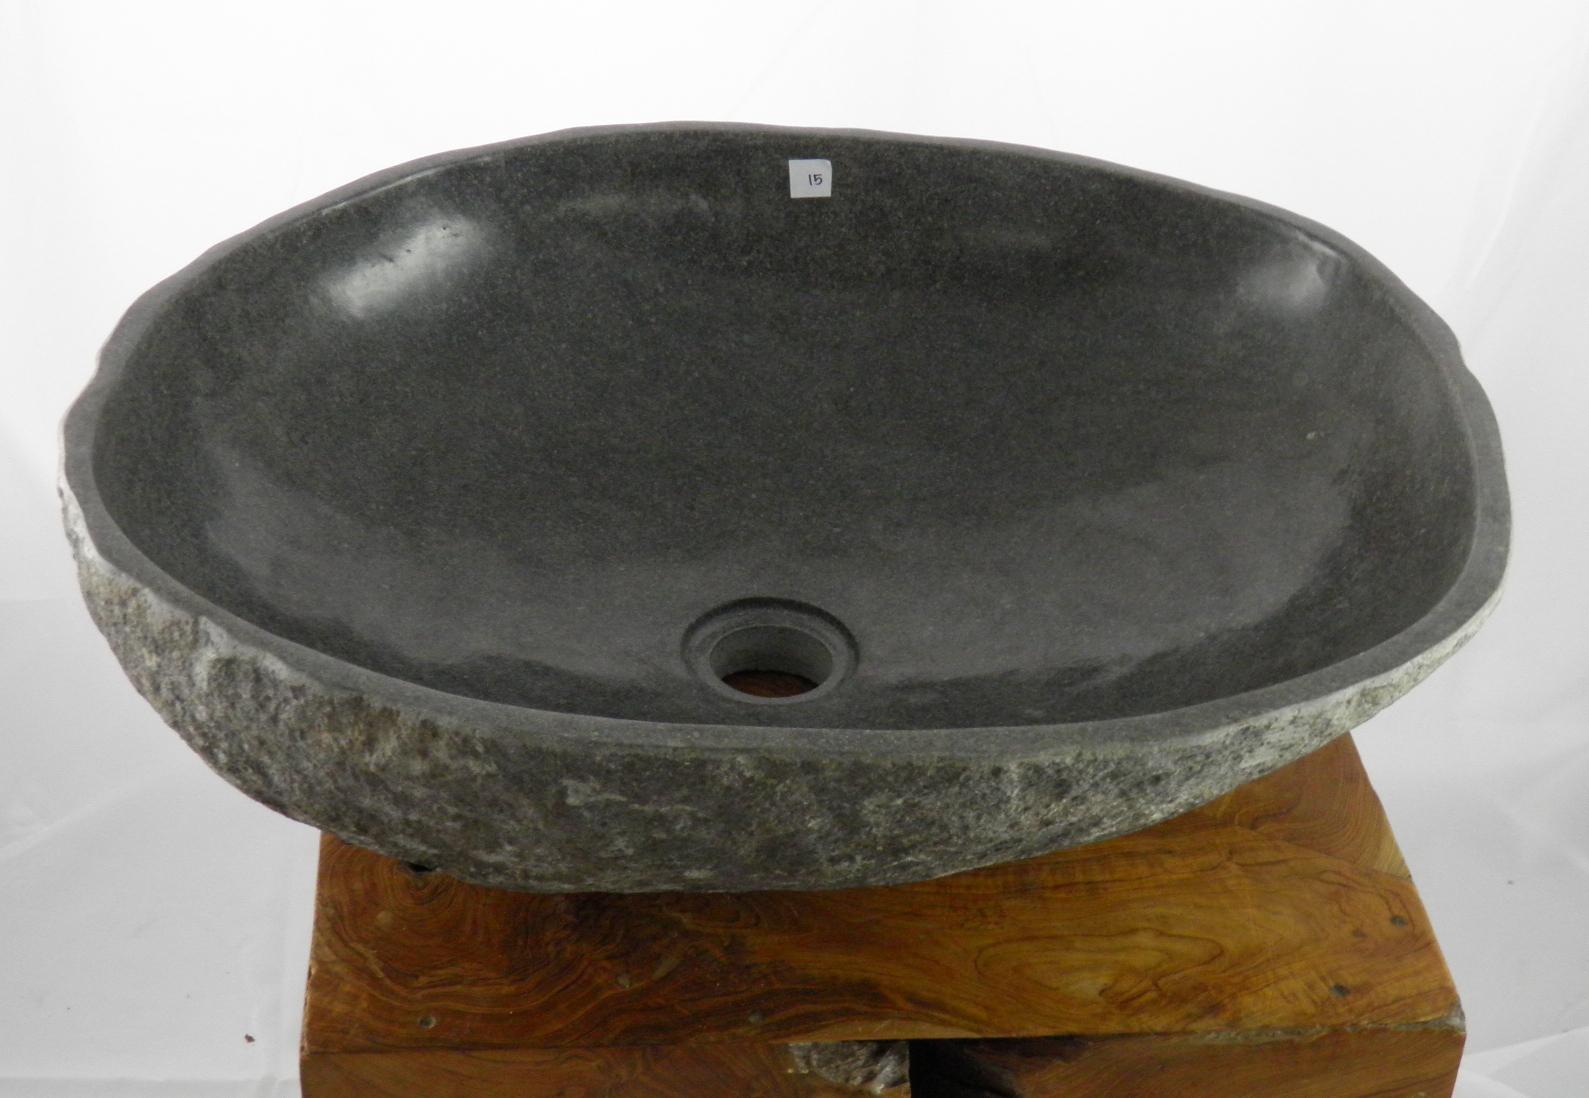 naturstein waschbecken steinwaschbecken kieselstein. Black Bedroom Furniture Sets. Home Design Ideas